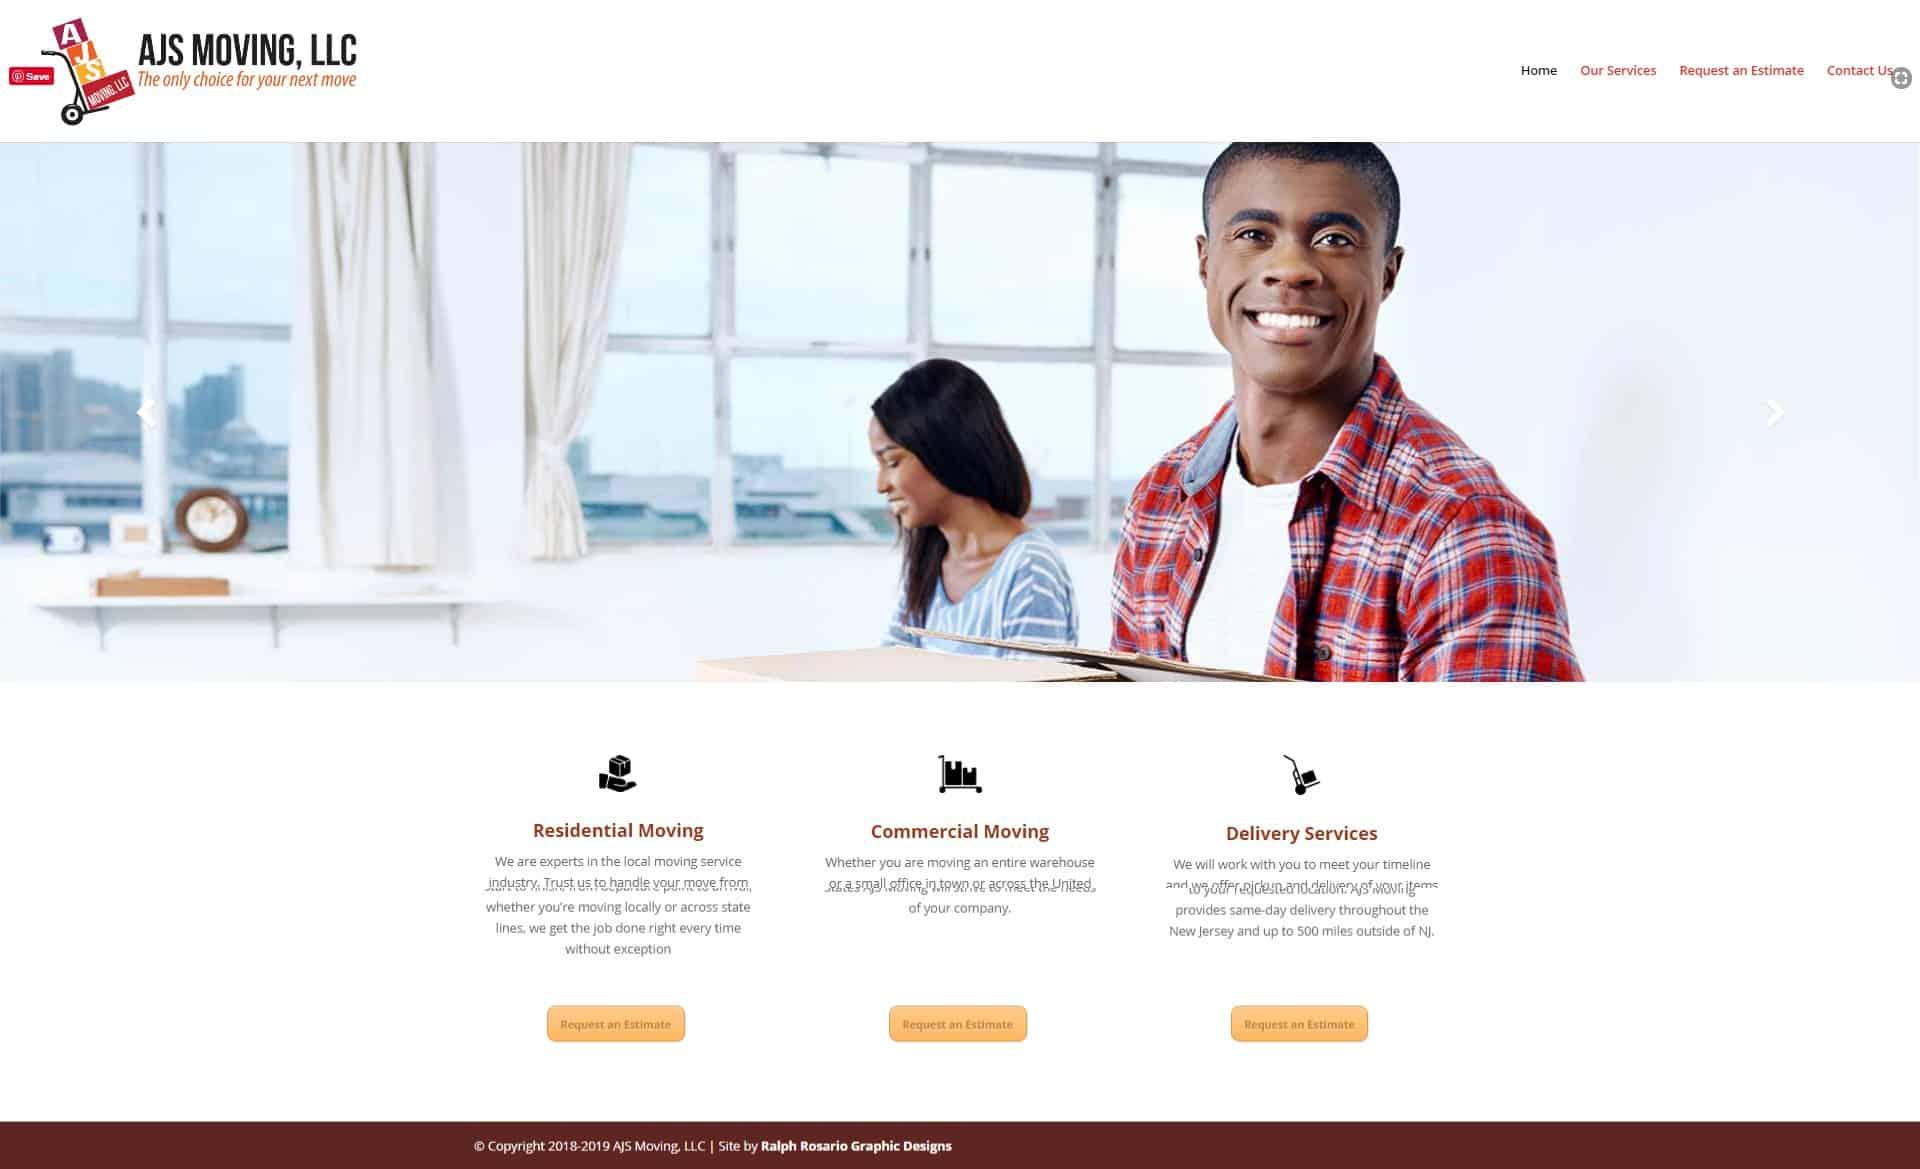 AJS website